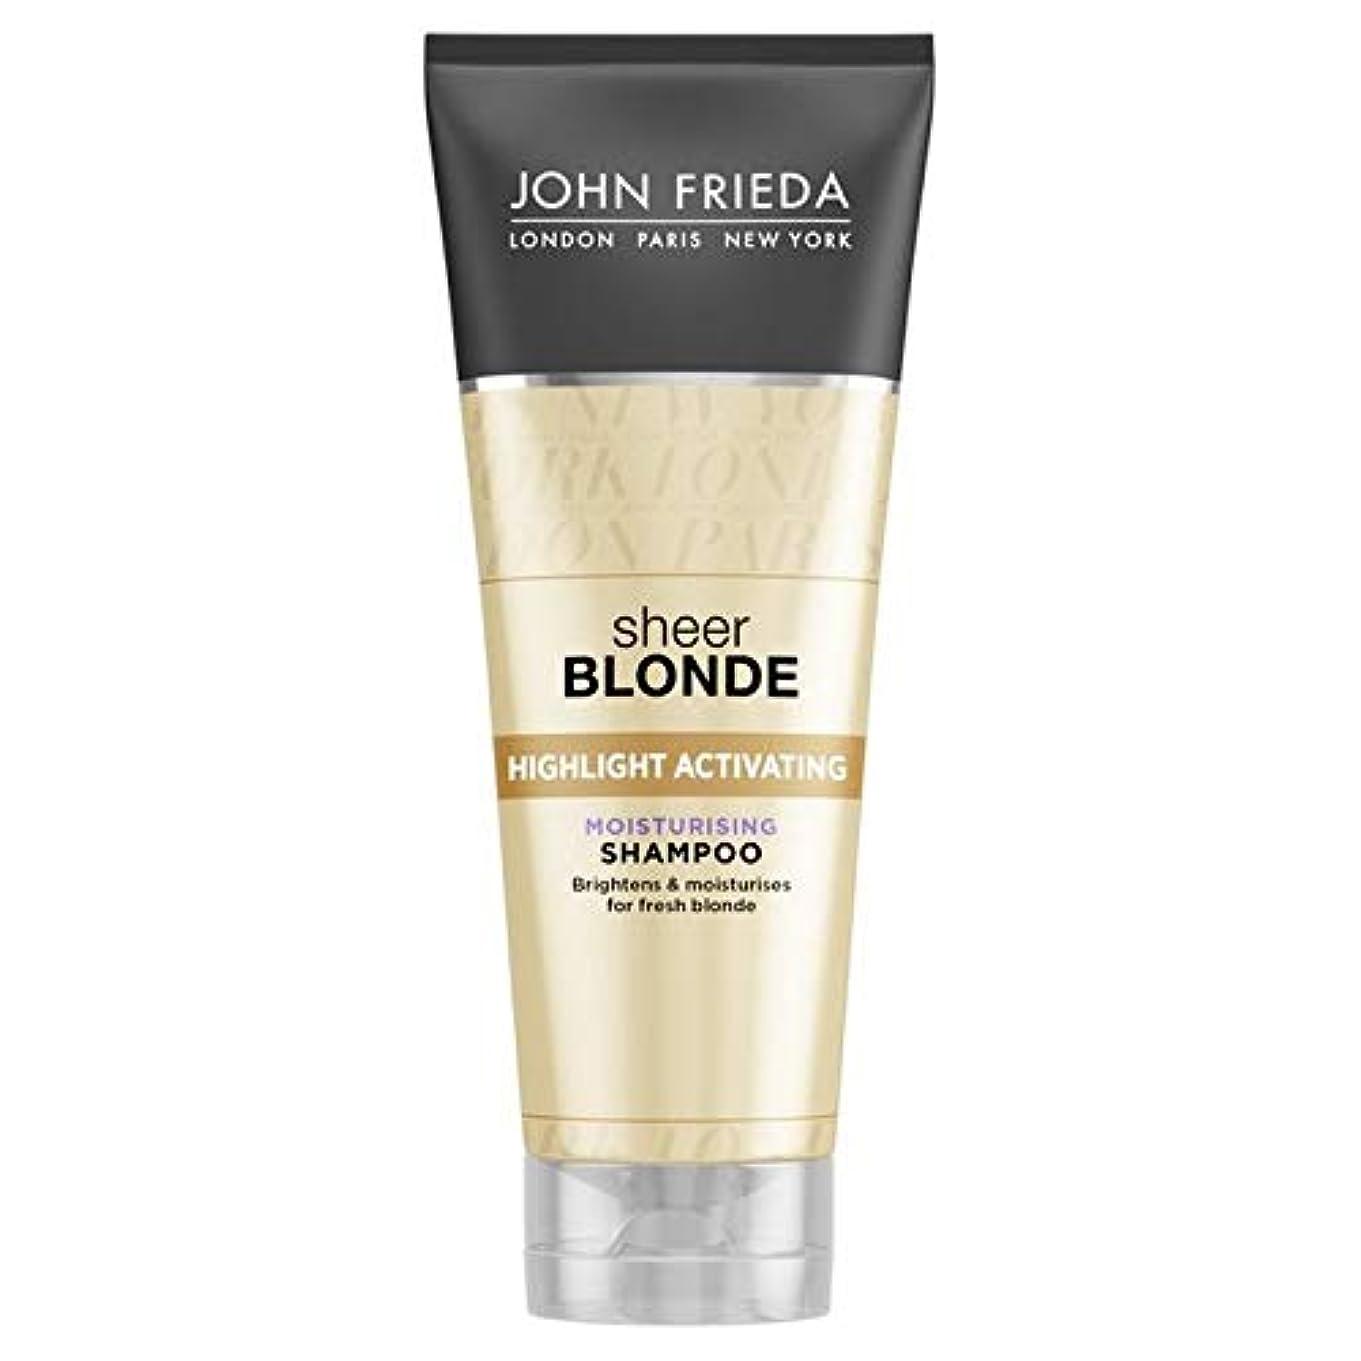 セッティング男らしい応答[John Frieda ] ジョン?フリーダハイライト活性化保湿シャンプー切り立っブロンド250ミリリットル - John Frieda Highlight Activating Moisturising Shampoo...